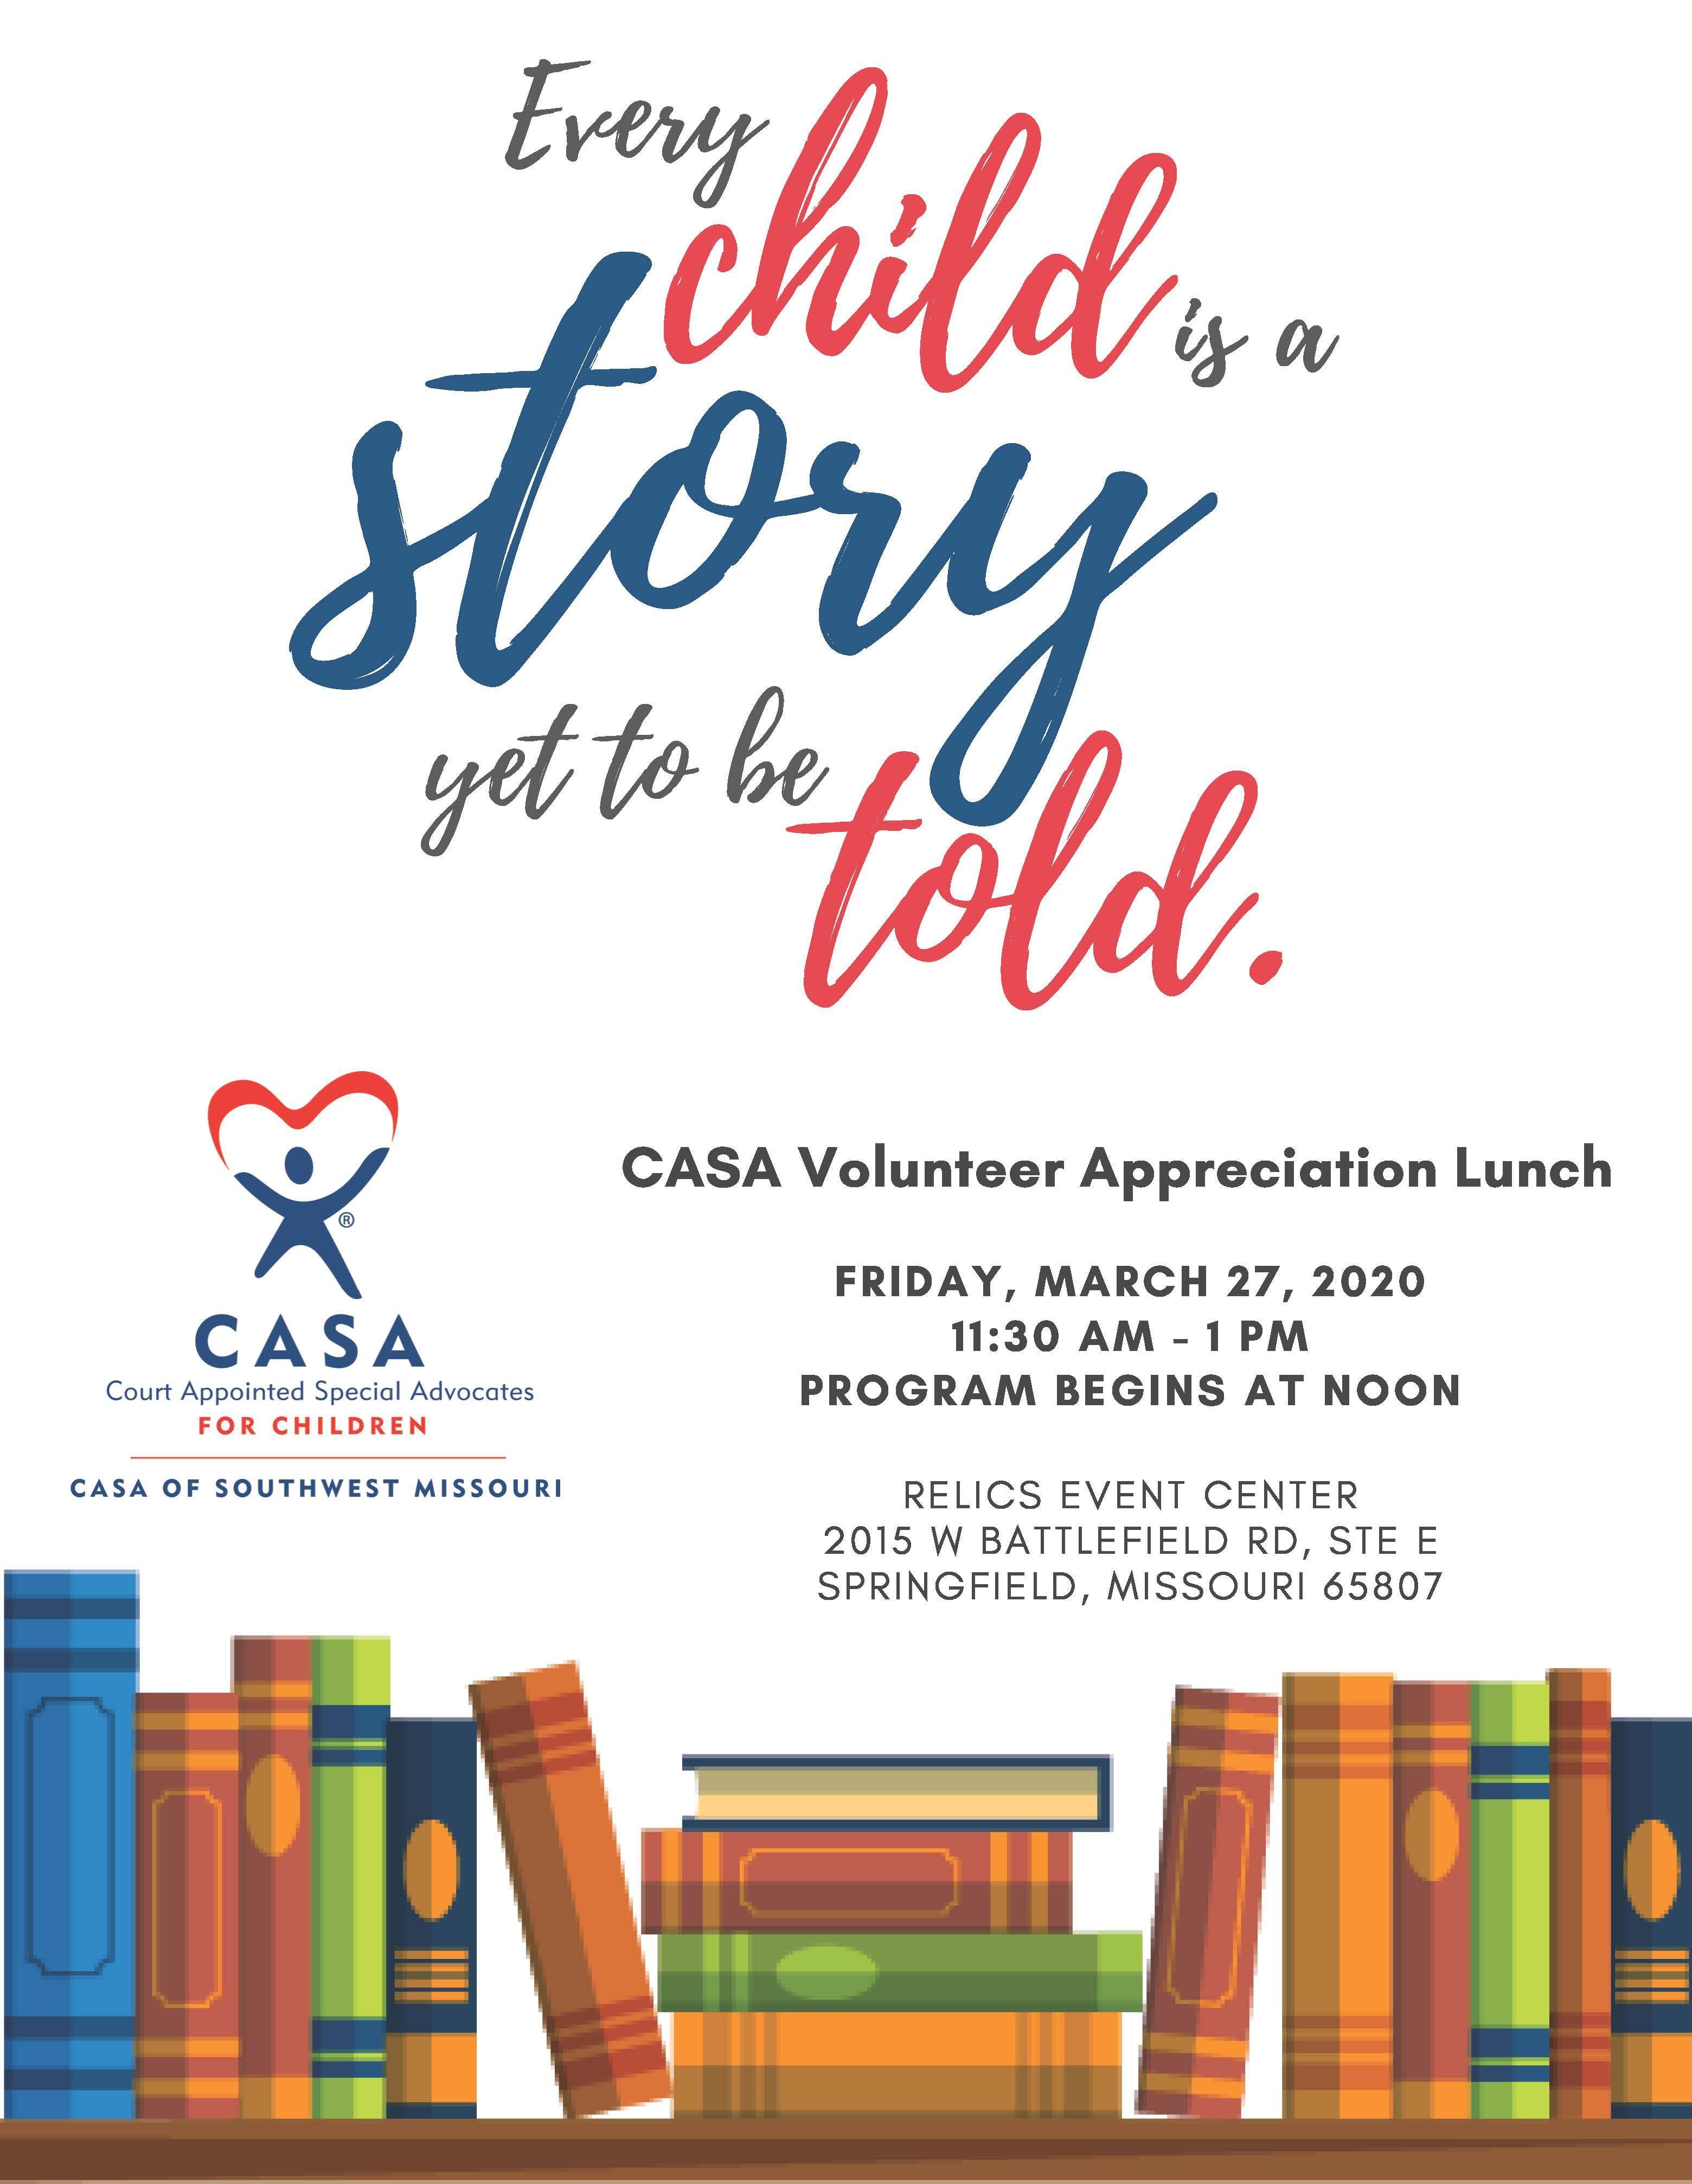 CASA Volunteer Appreciation Luncheon